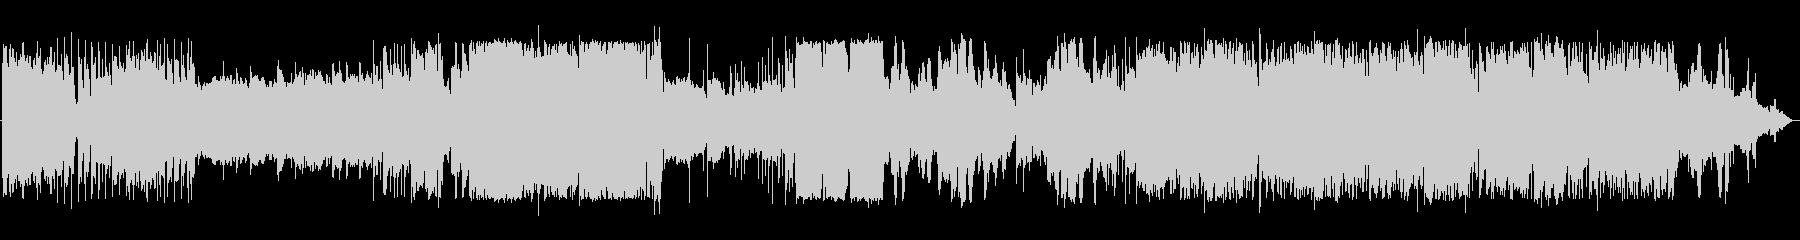 グラムロック風の変化ある派手なバンド演奏の未再生の波形